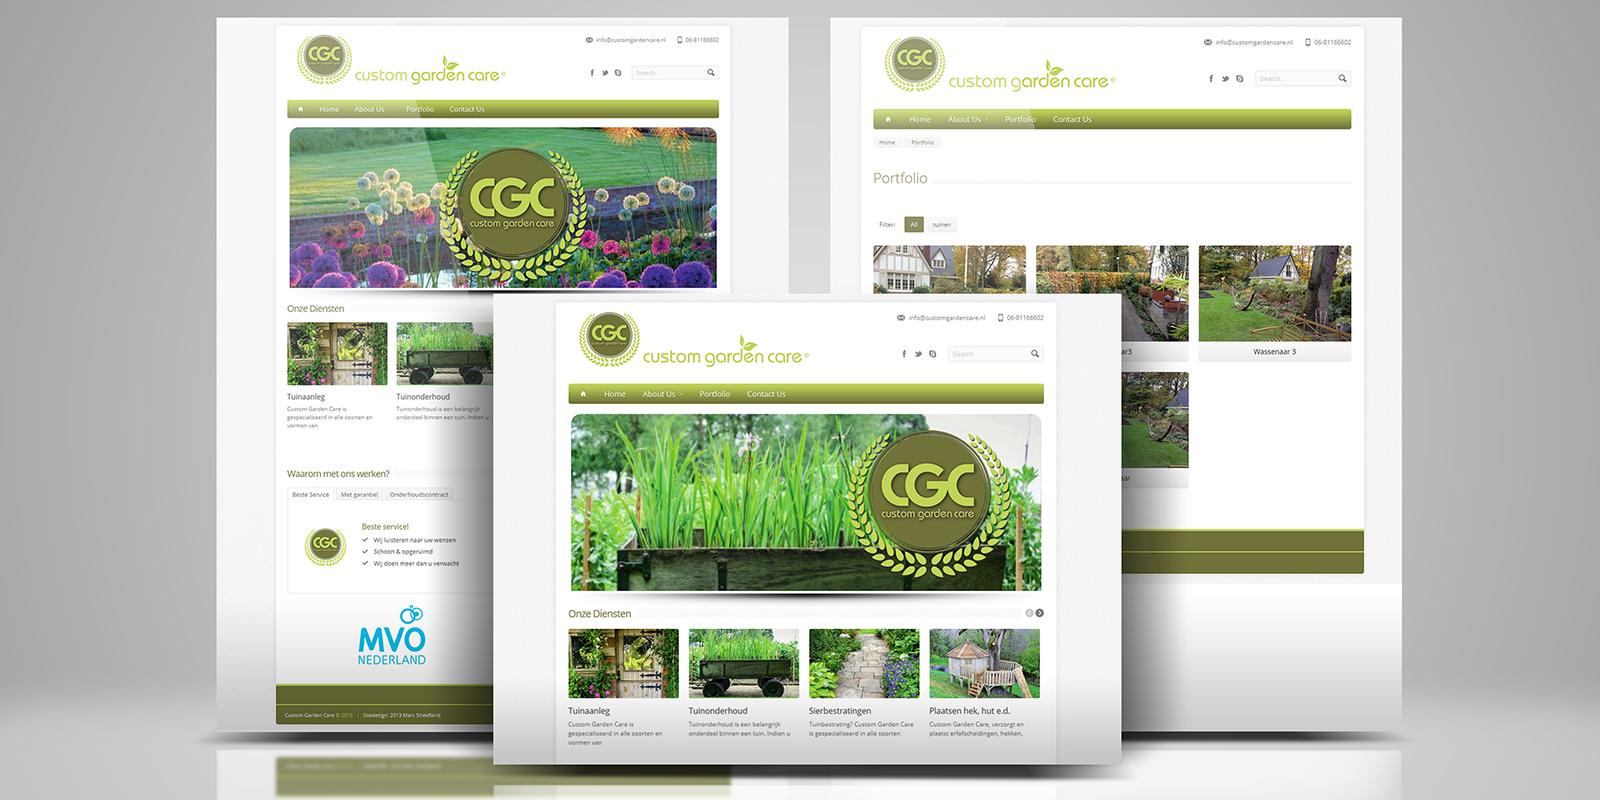 CGC Custom Garden Care